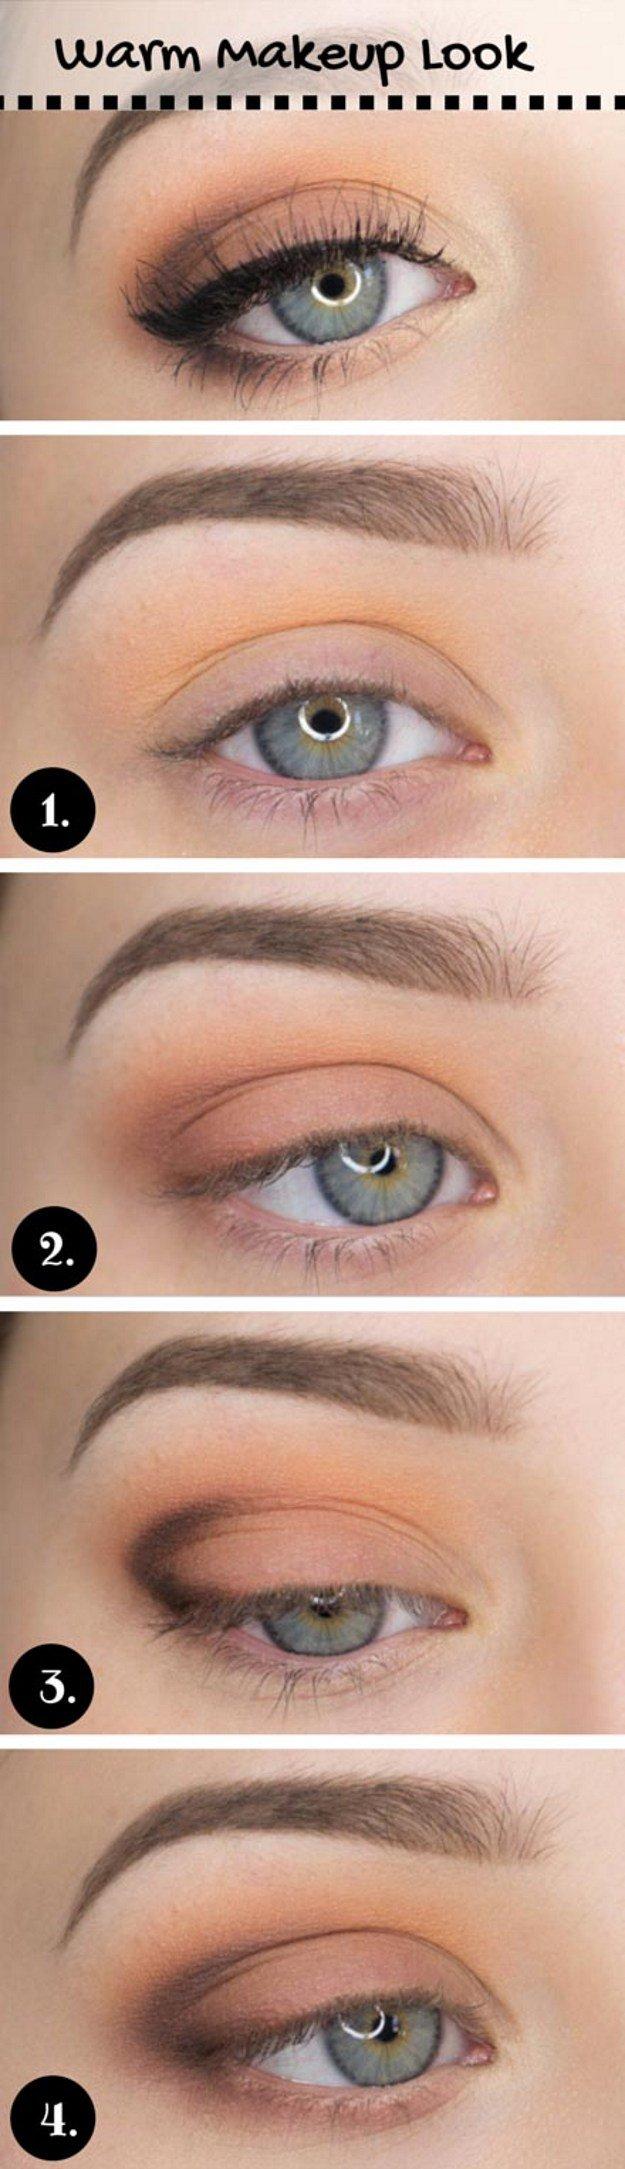 макияжа для голубых глаз